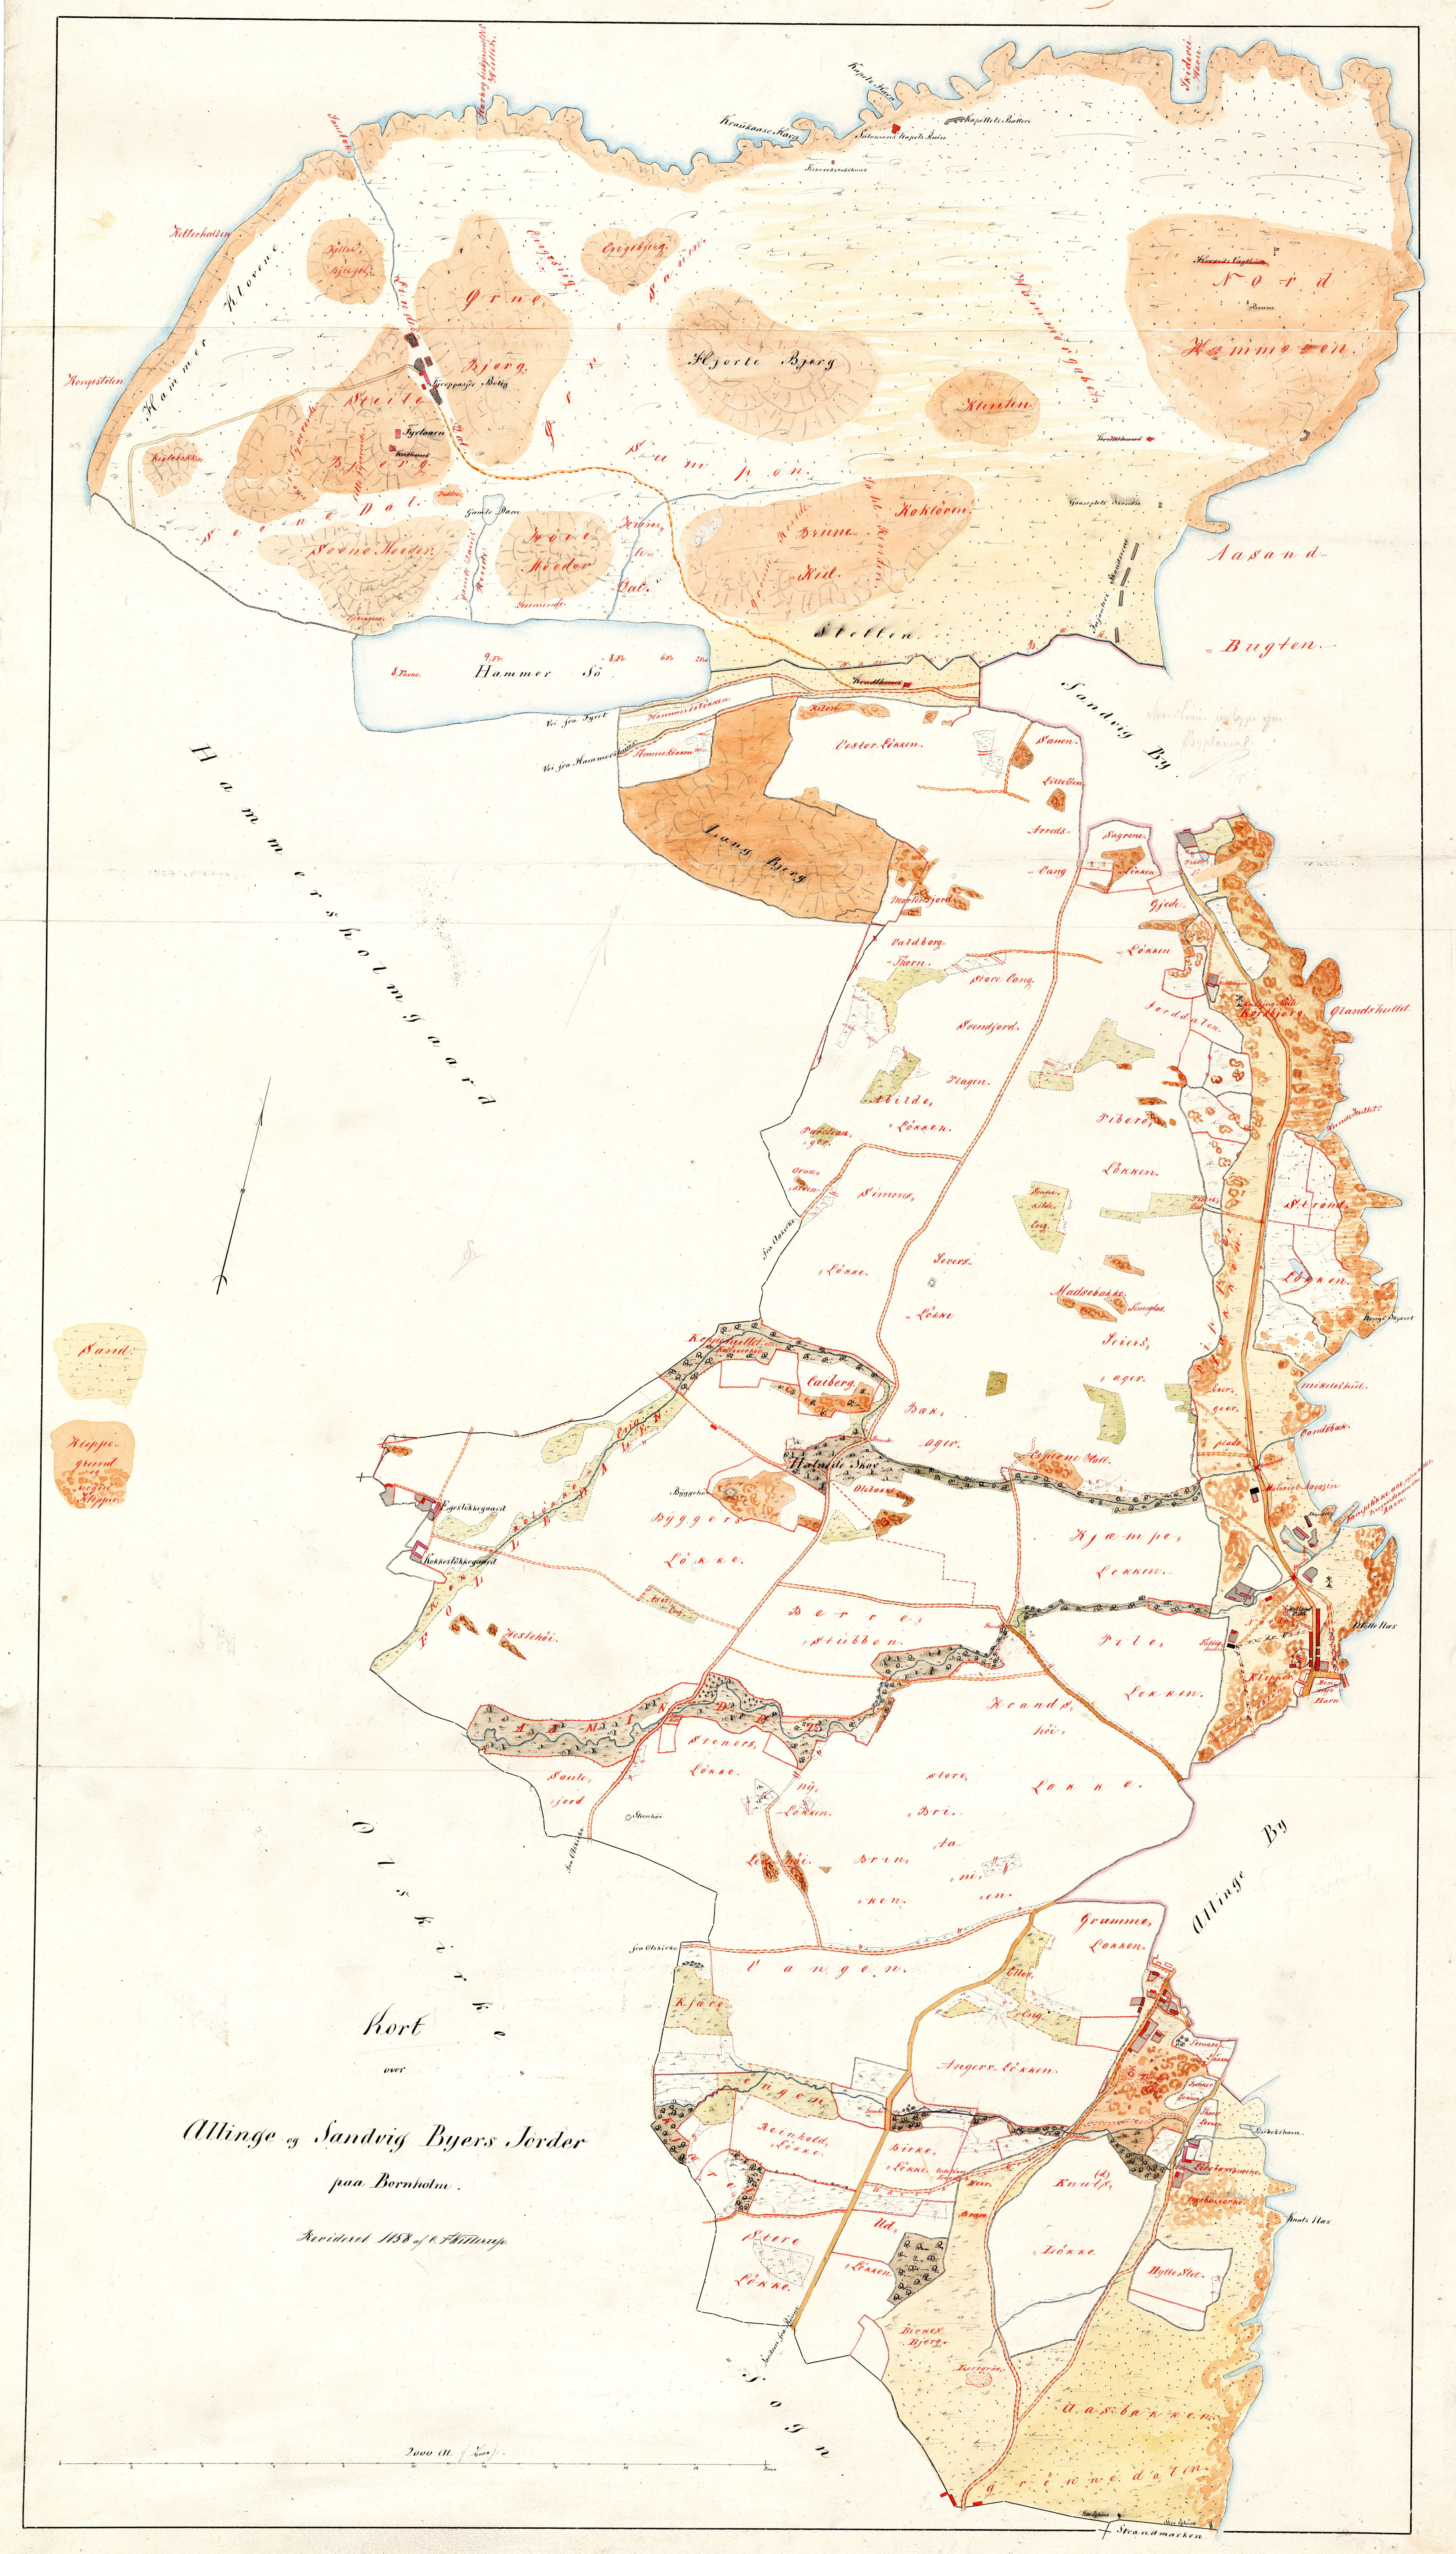 C.F.Willerups opmåling af Allinge og Sandvig byers jorder 1858